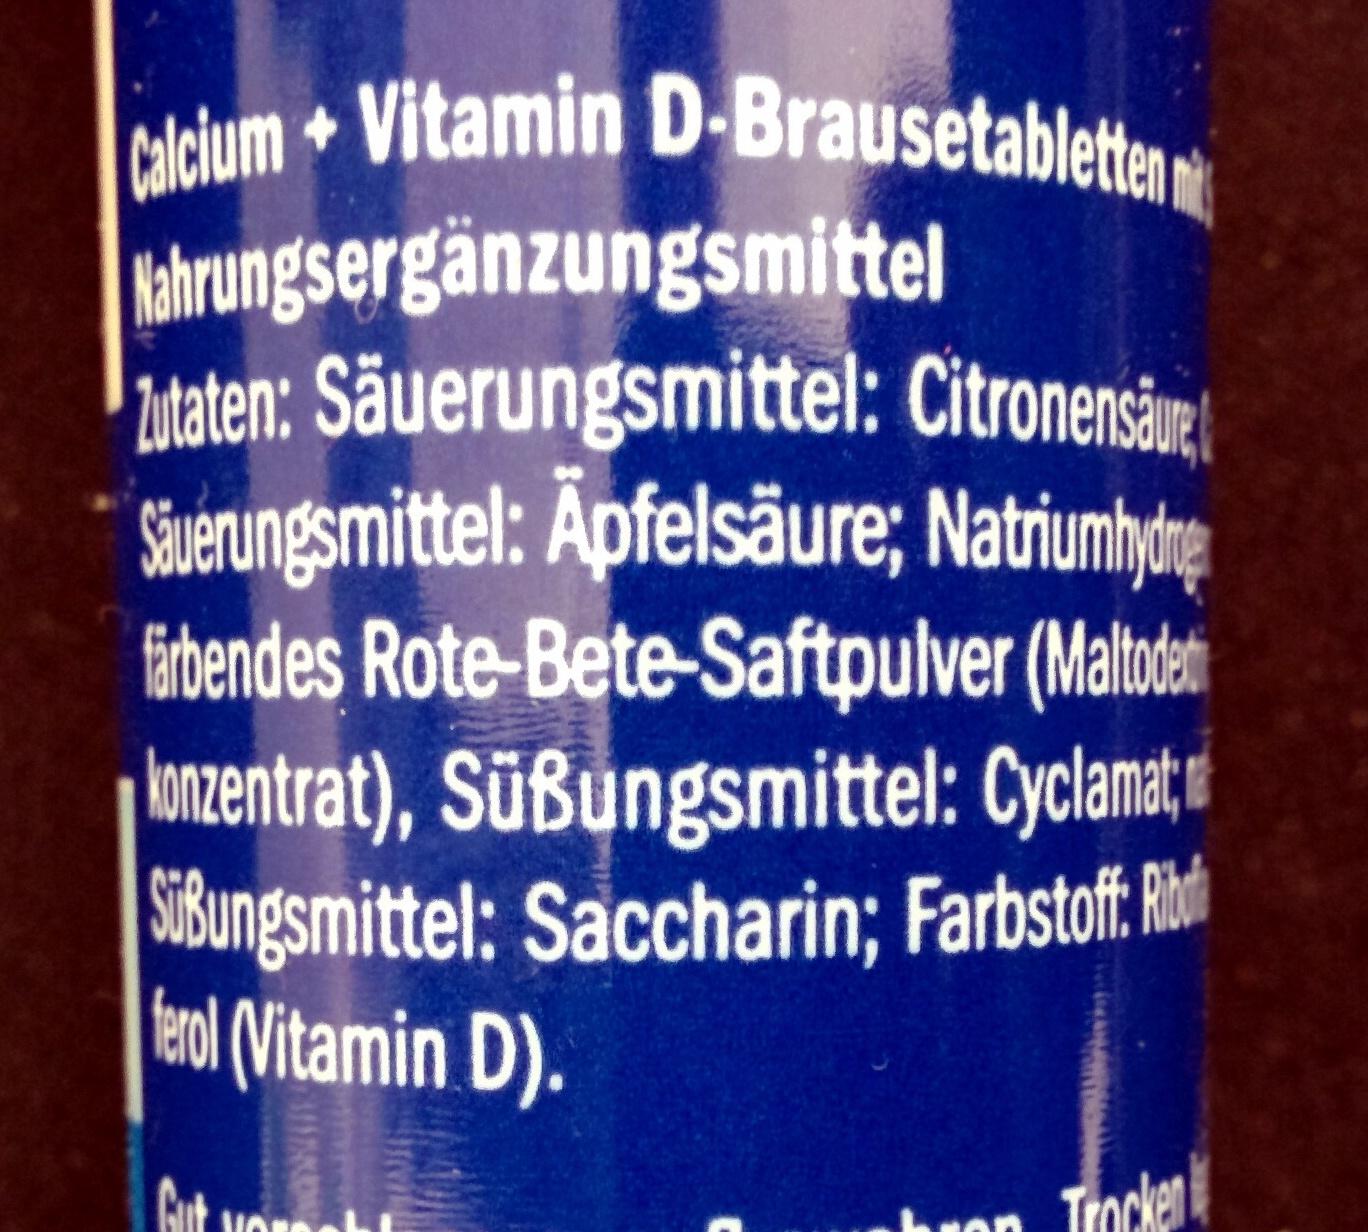 Calcium + Vitamine D3 - Ingredients